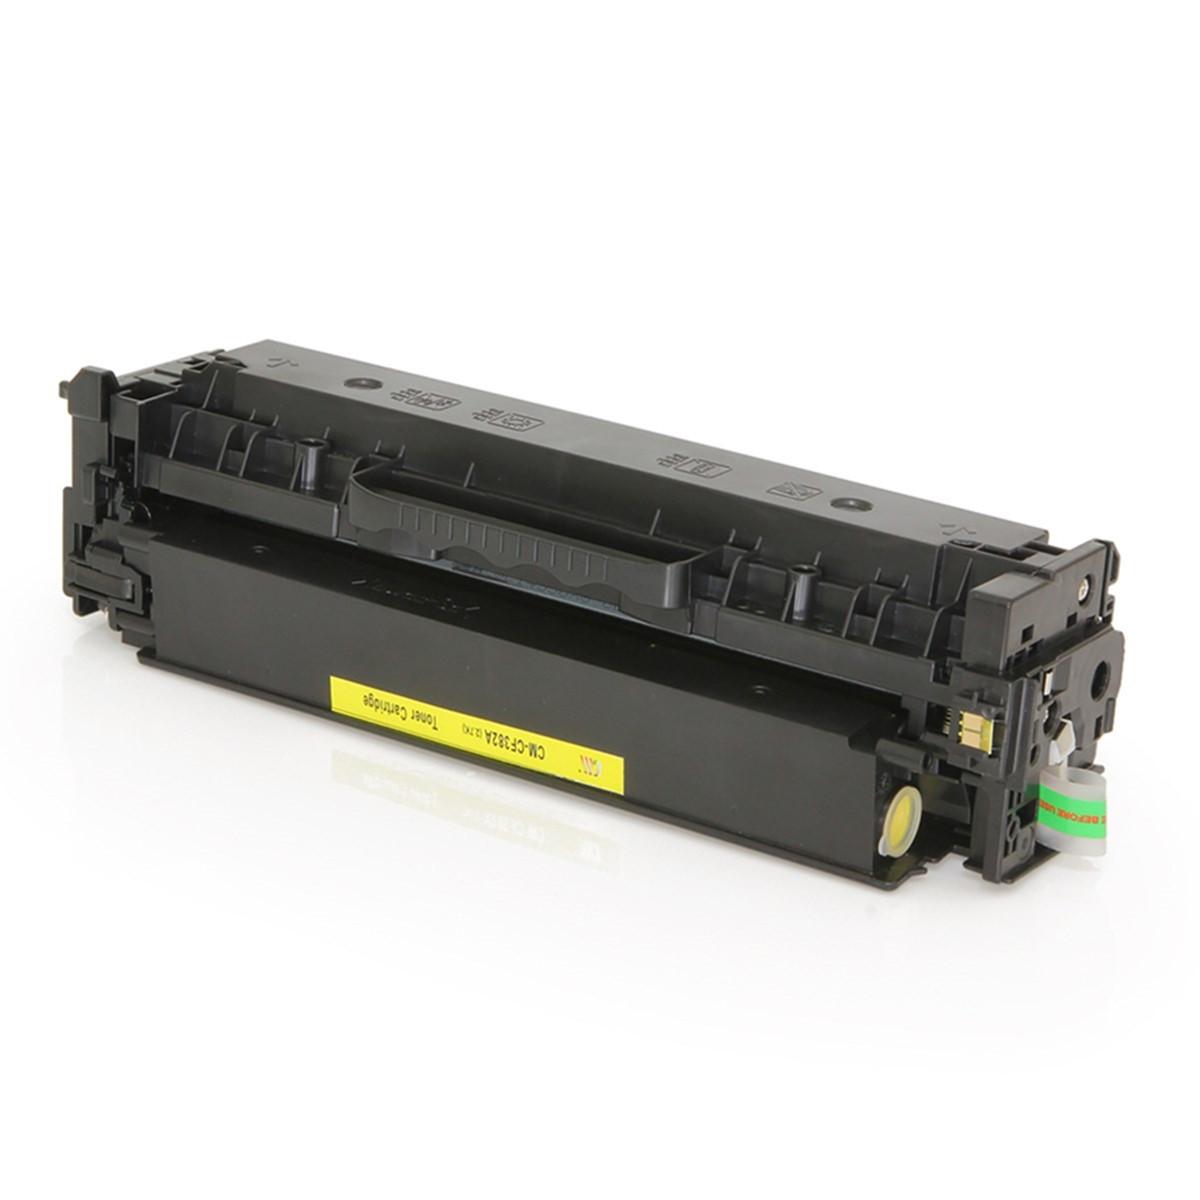 Toner Compatível com HP CF381A 312A Ciano Universal | M476 M476NW M476DW | Premium Quality 2.8k